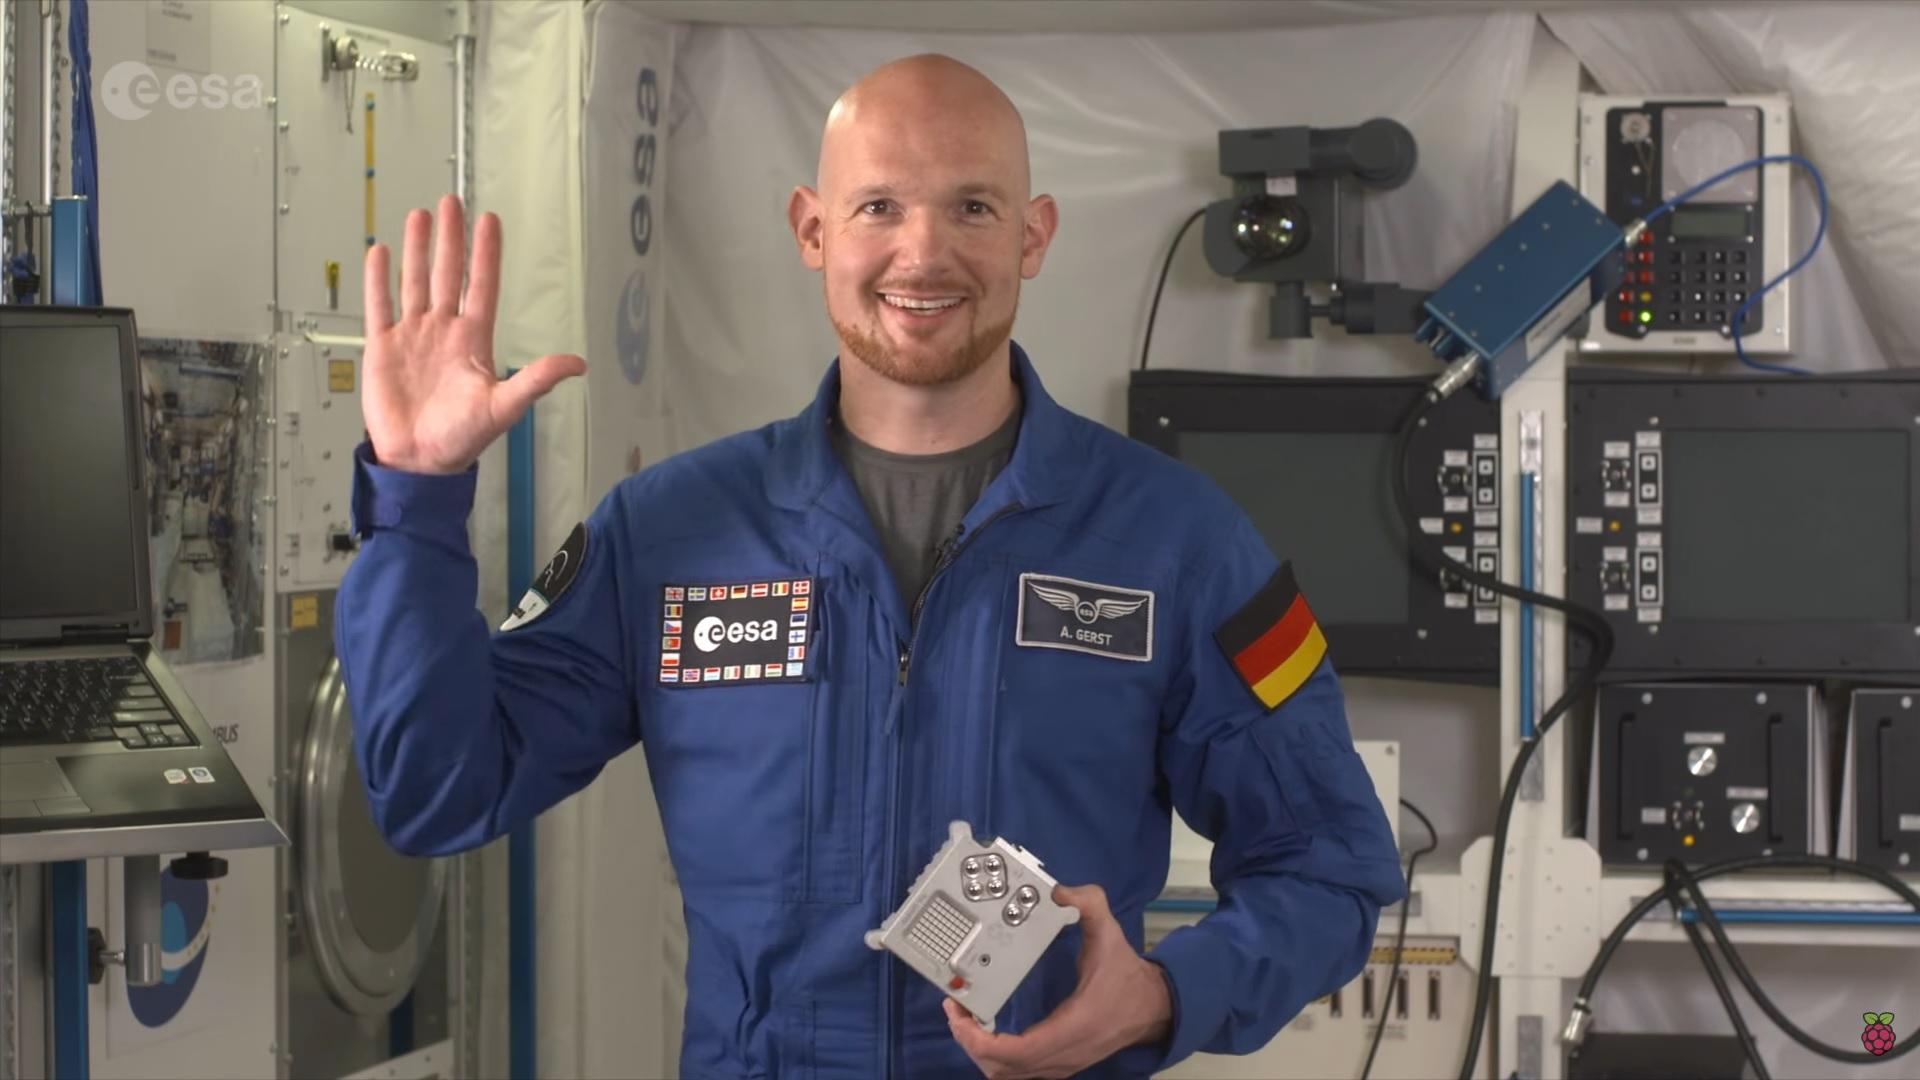 Astro Pi Mission Zero 2018/19